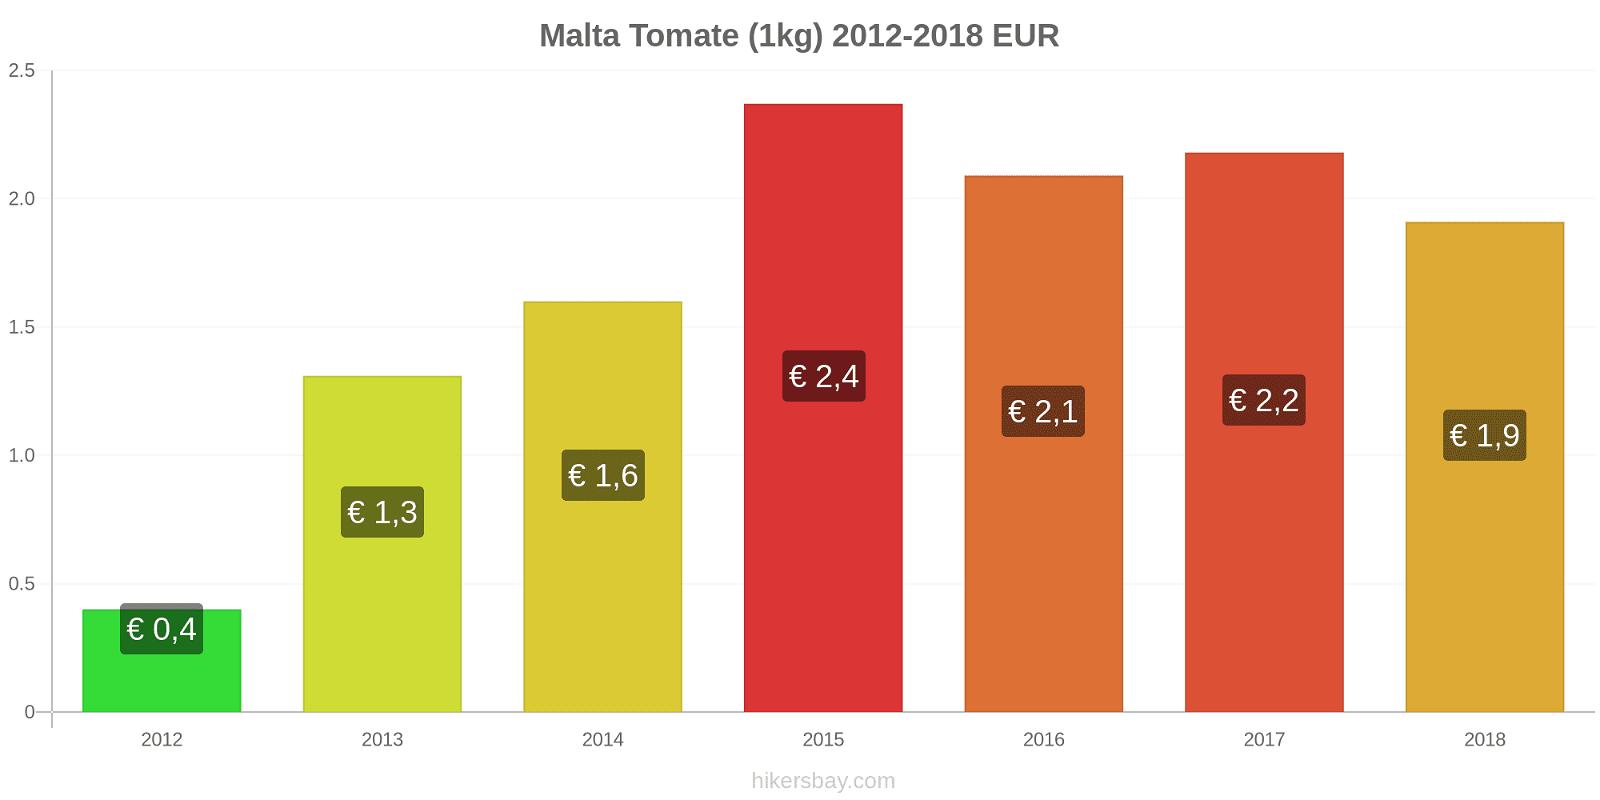 Malta variação de preço Tomate (1kg) hikersbay.com